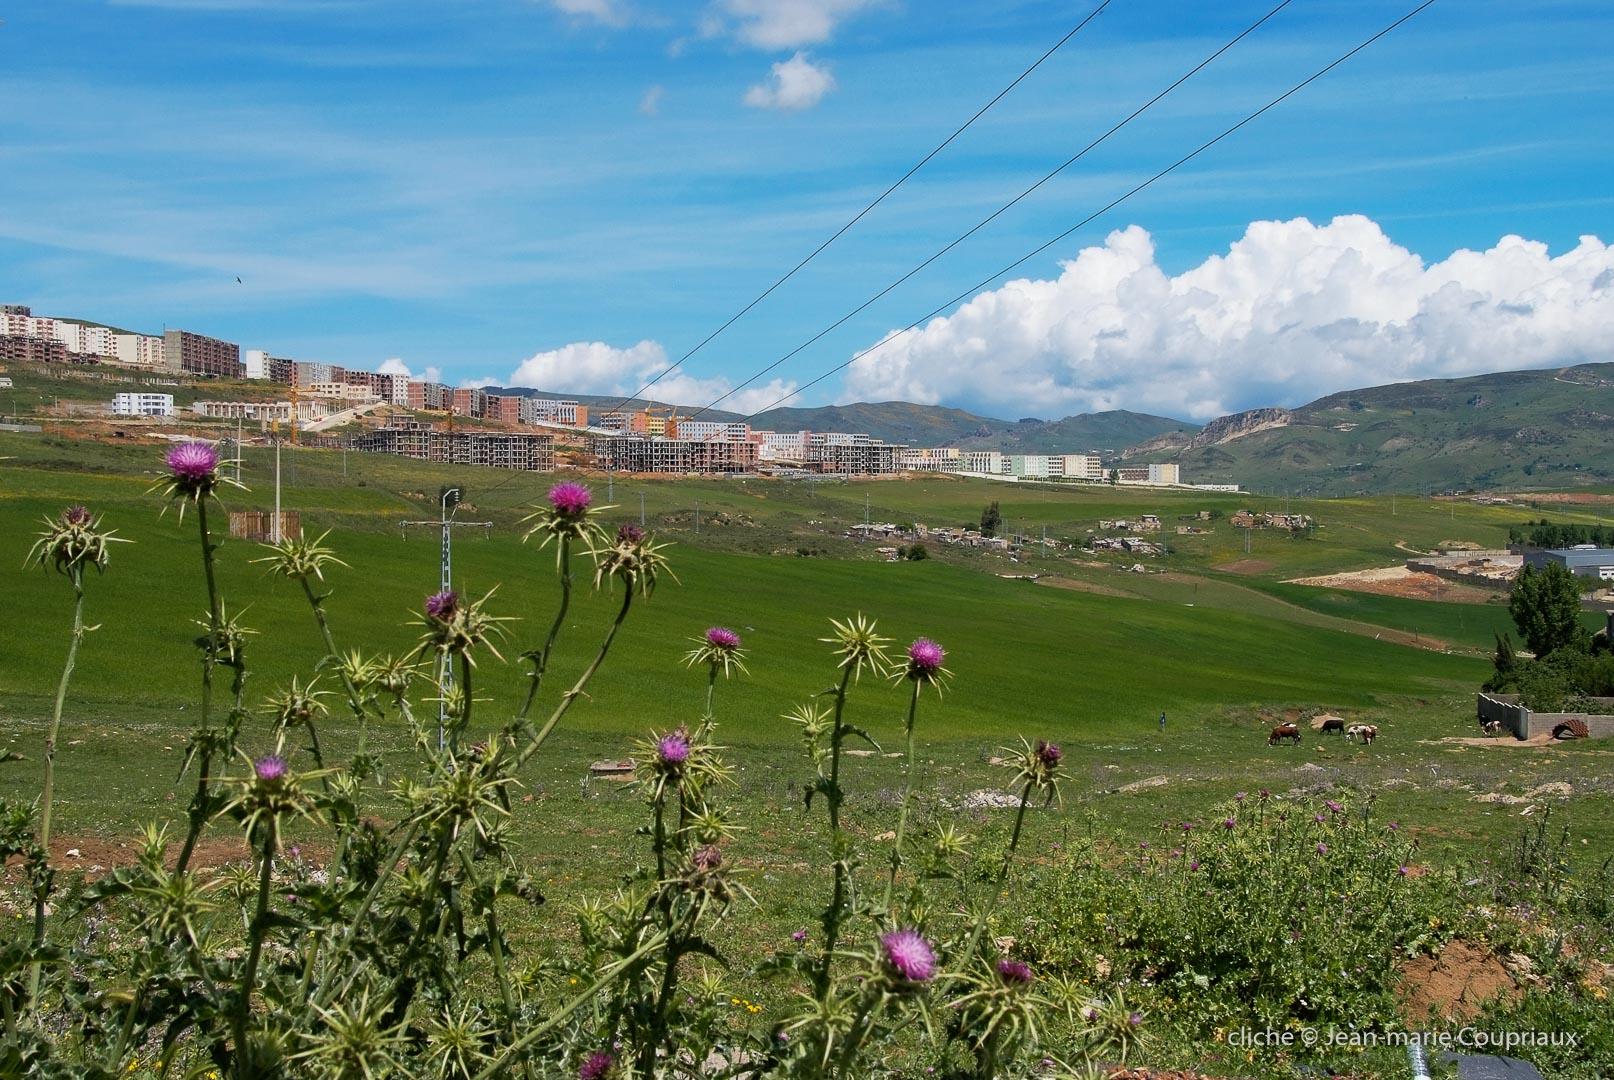 802-2011_Algerie-275